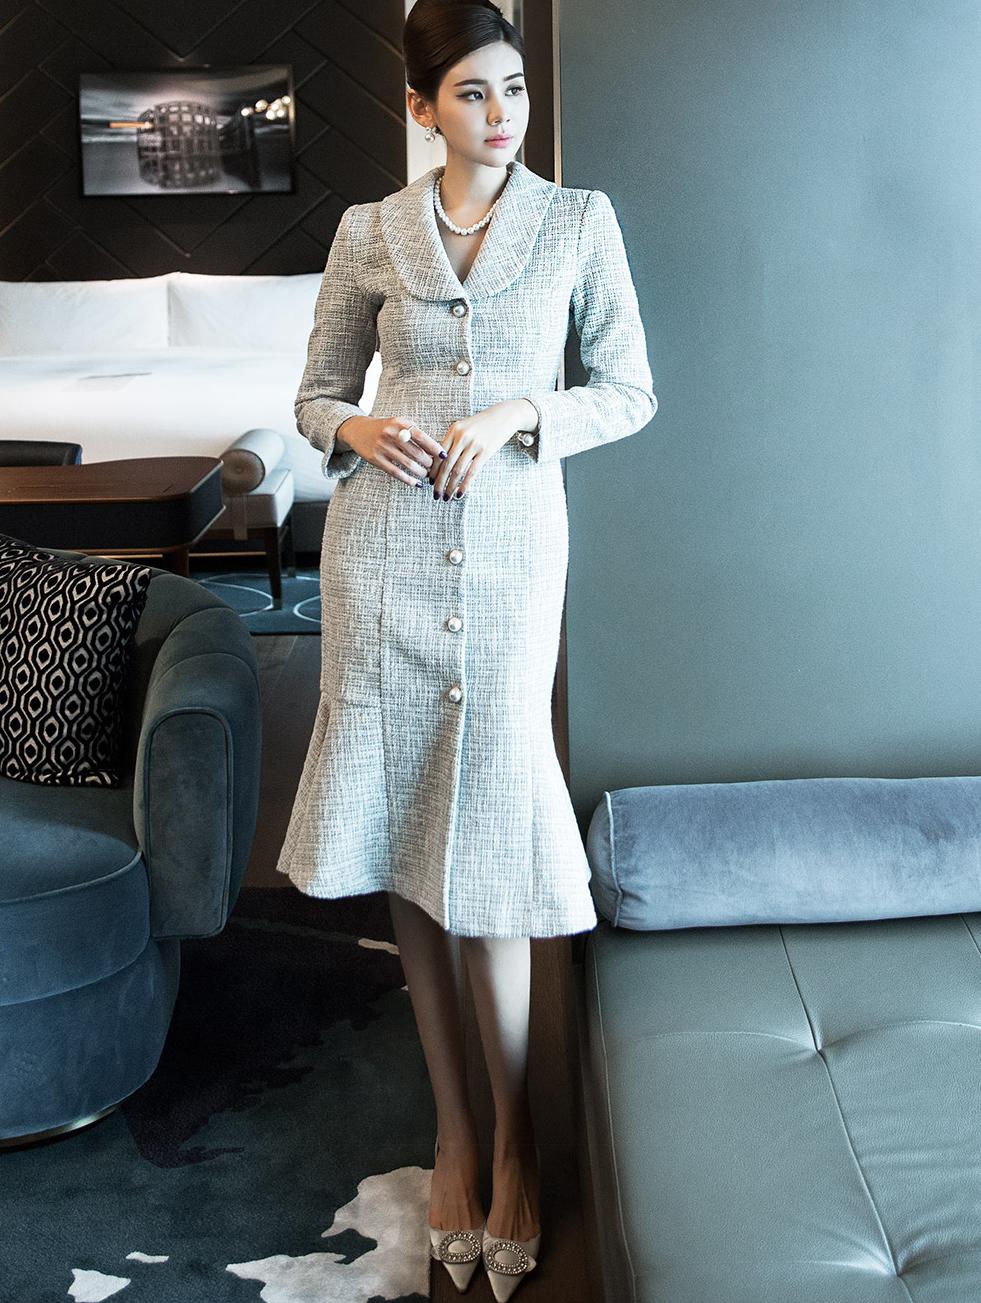 D3909 短领珍珠钮扣粗花呢连身裙